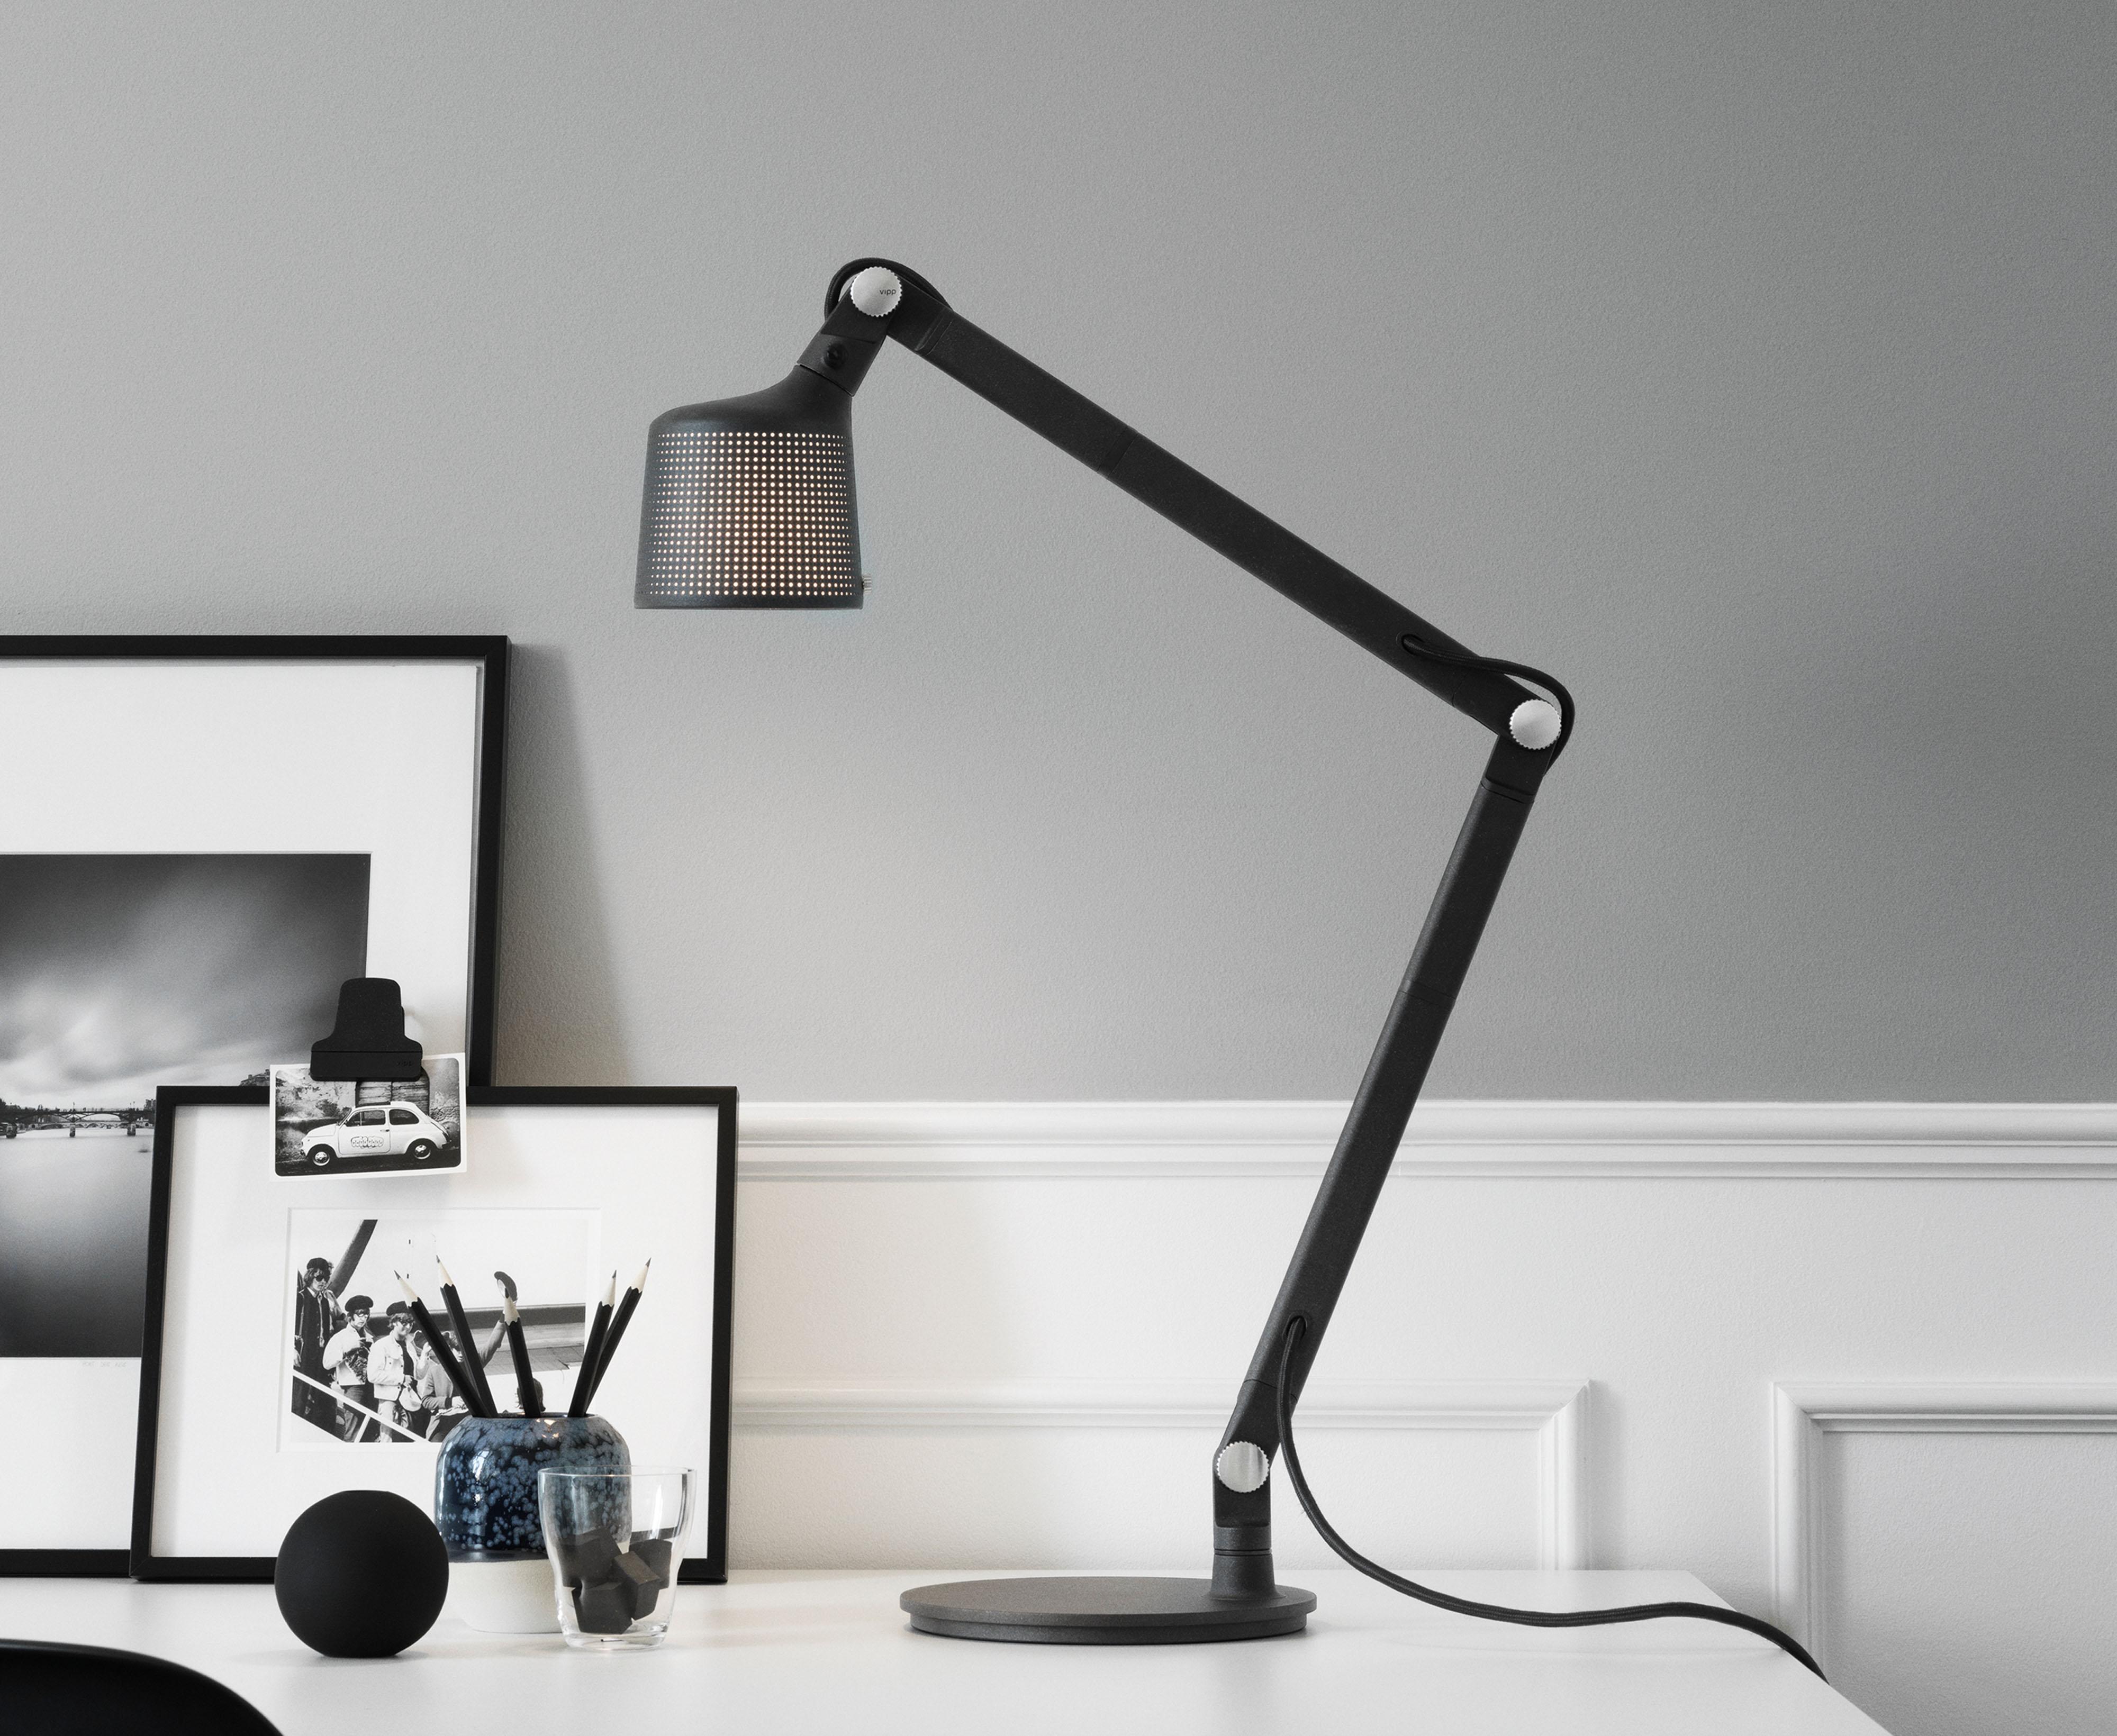 vipp-desk-lamp-journal